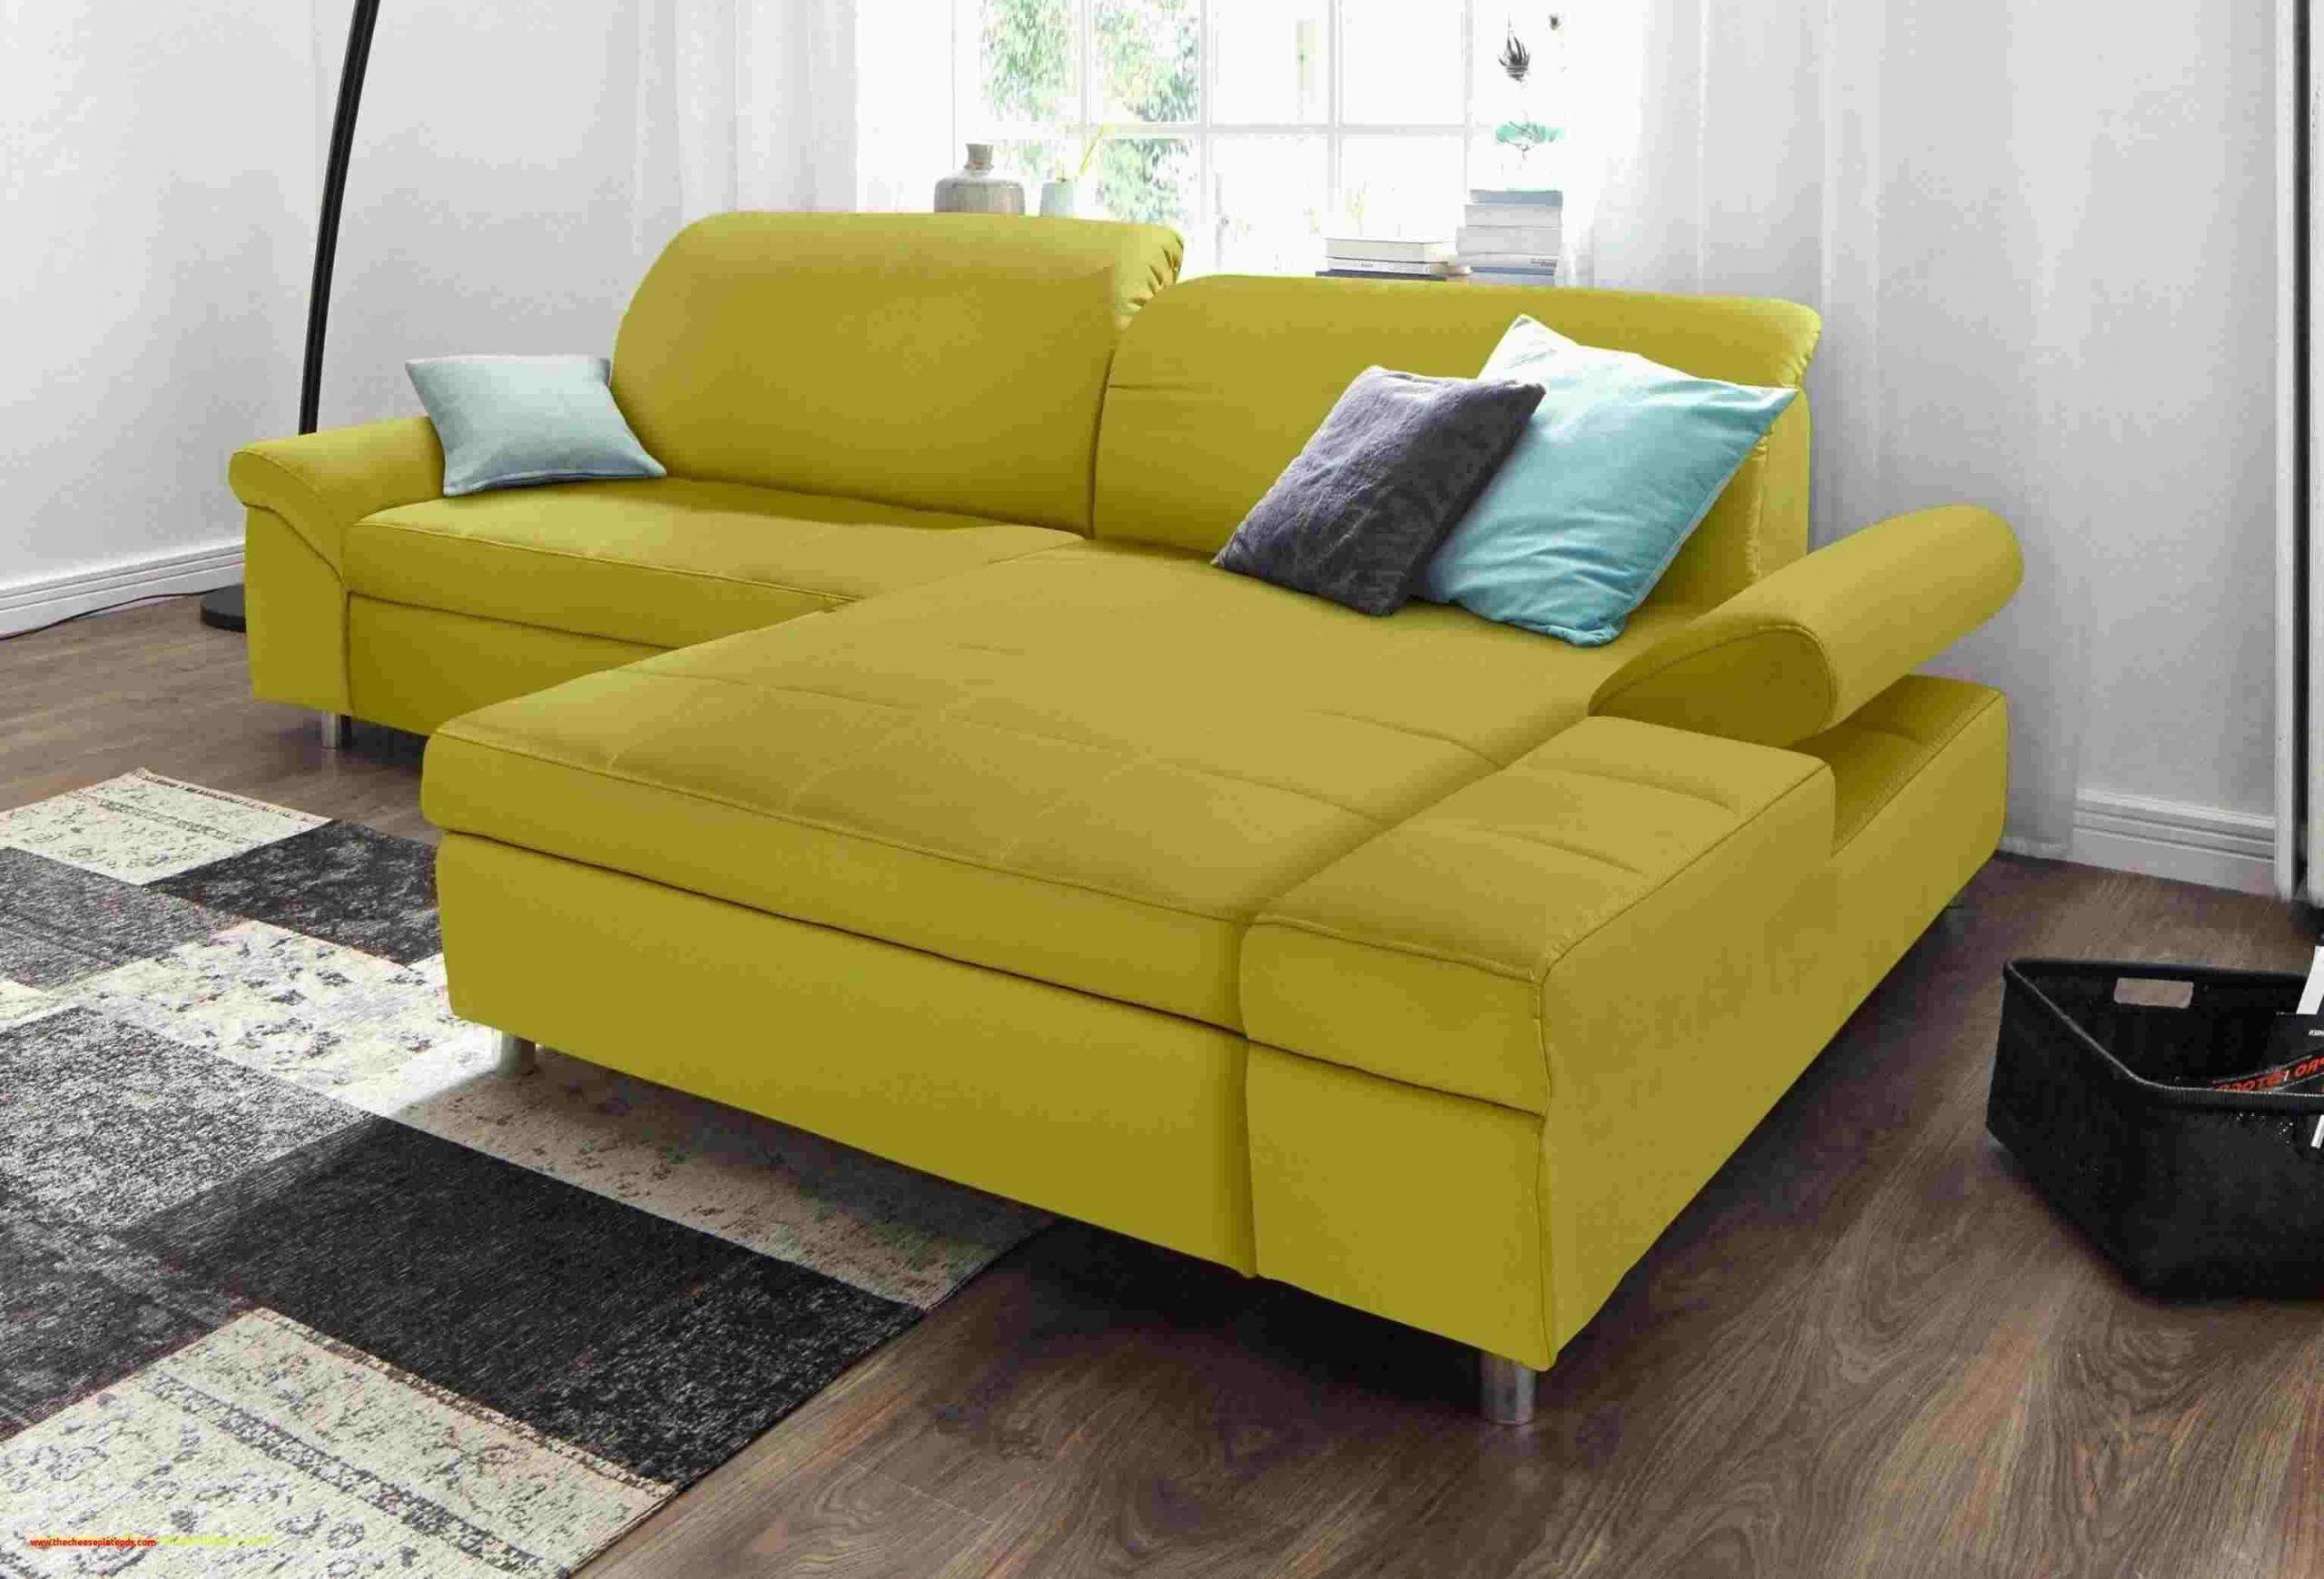 wohnzimmer couch gunstig neu kinderzimmer gunstig frisch 45 schon gartenmobel kinder bilder of wohnzimmer couch gunstig